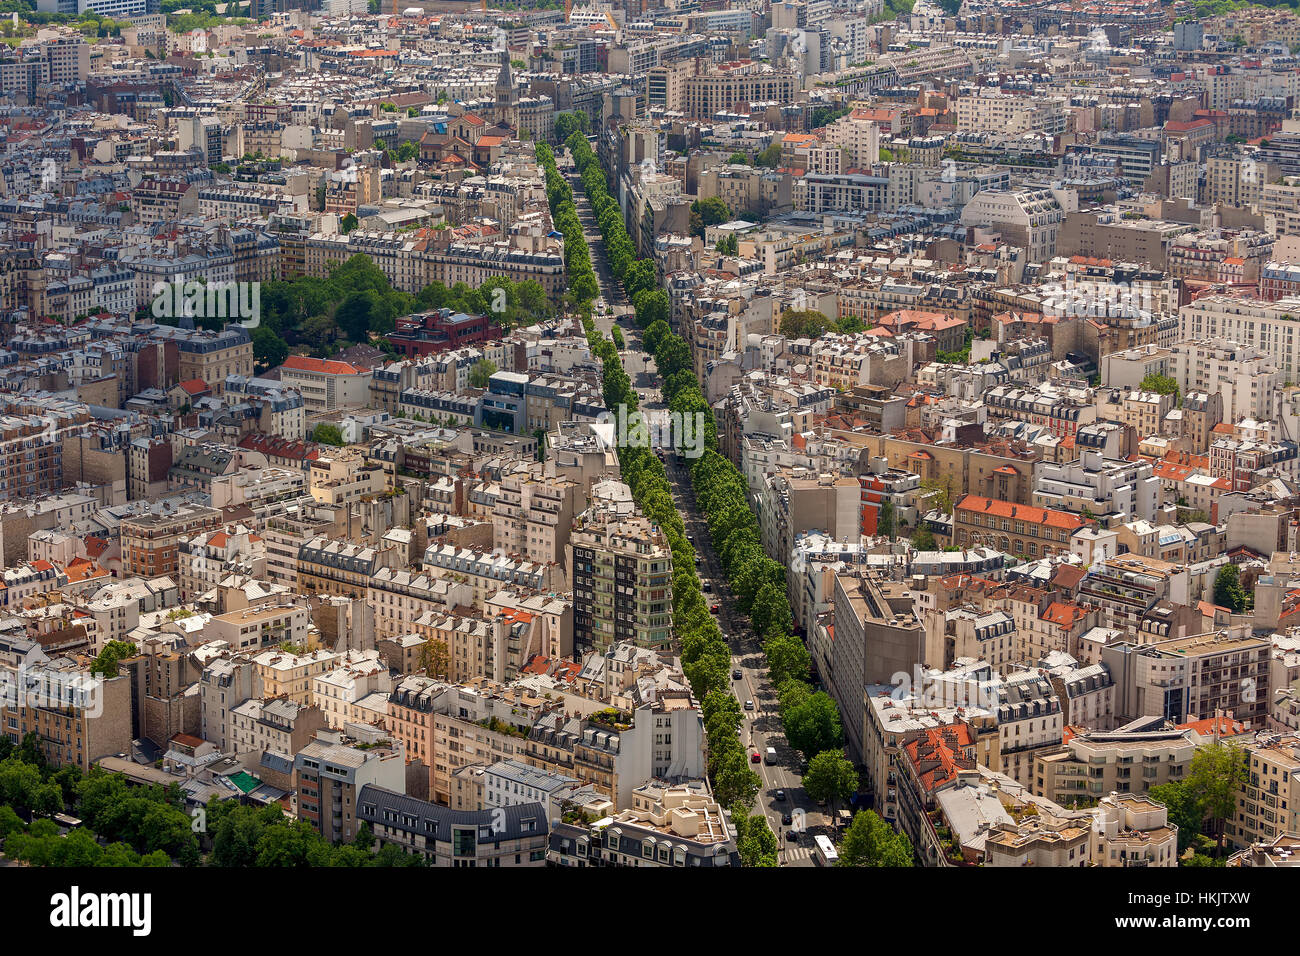 Gebäude, Straßen und Boulevards in Paris, Frankreich von oben gesehen. Stockbild